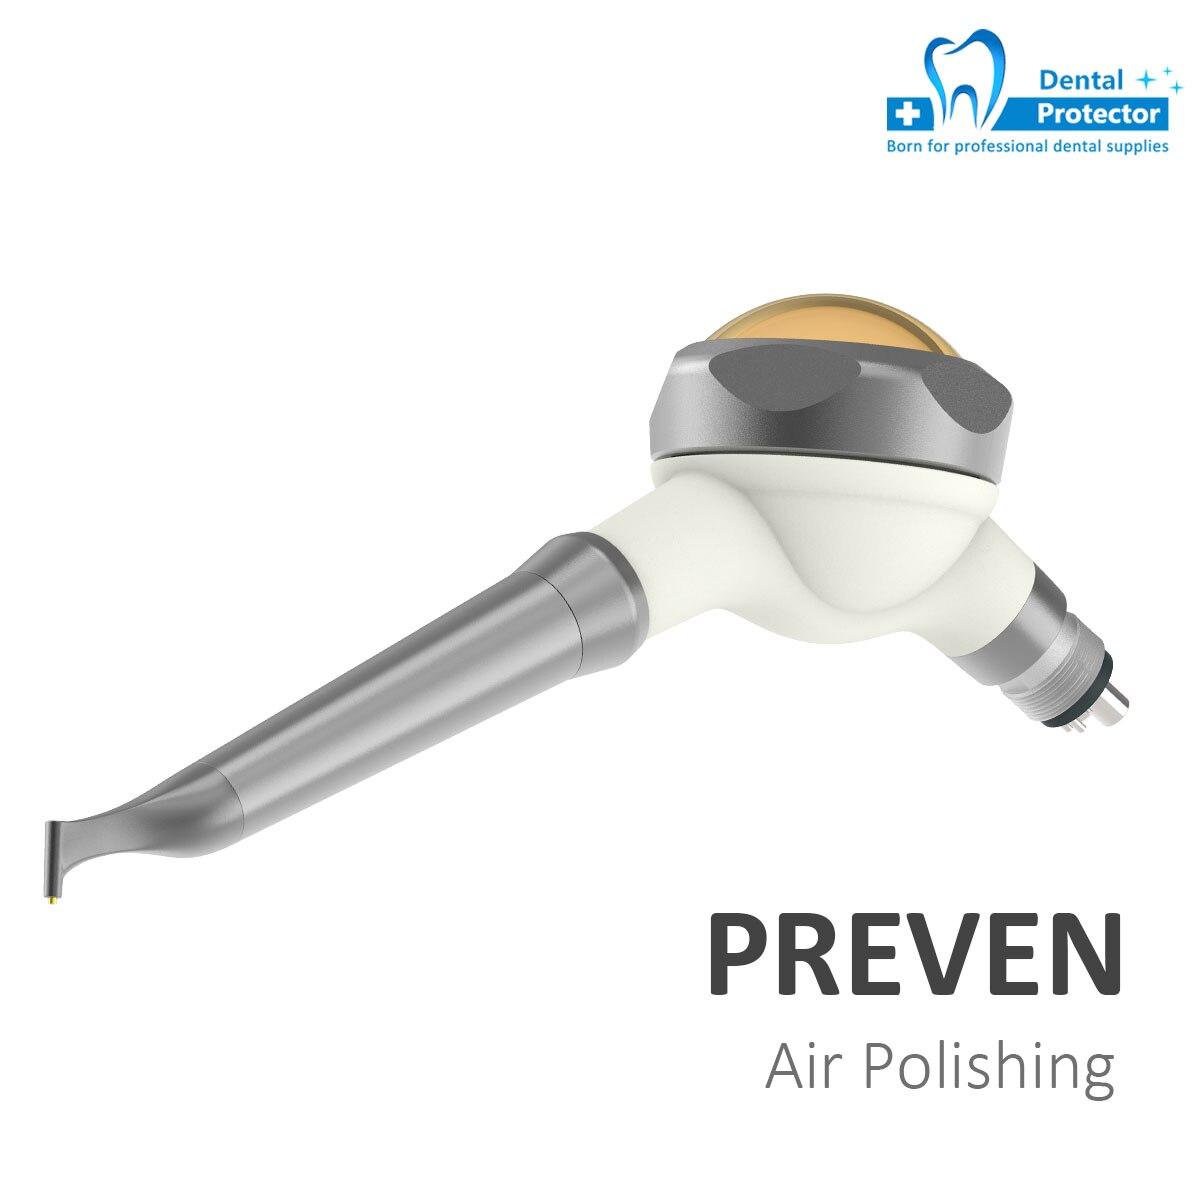 الأسنان نظام تلميع الهواء الأسنان حساب التفاضل والتكامل مزيل الأسنان آلة تلميع الرملي الرملي متوافق مع KAVO و M4